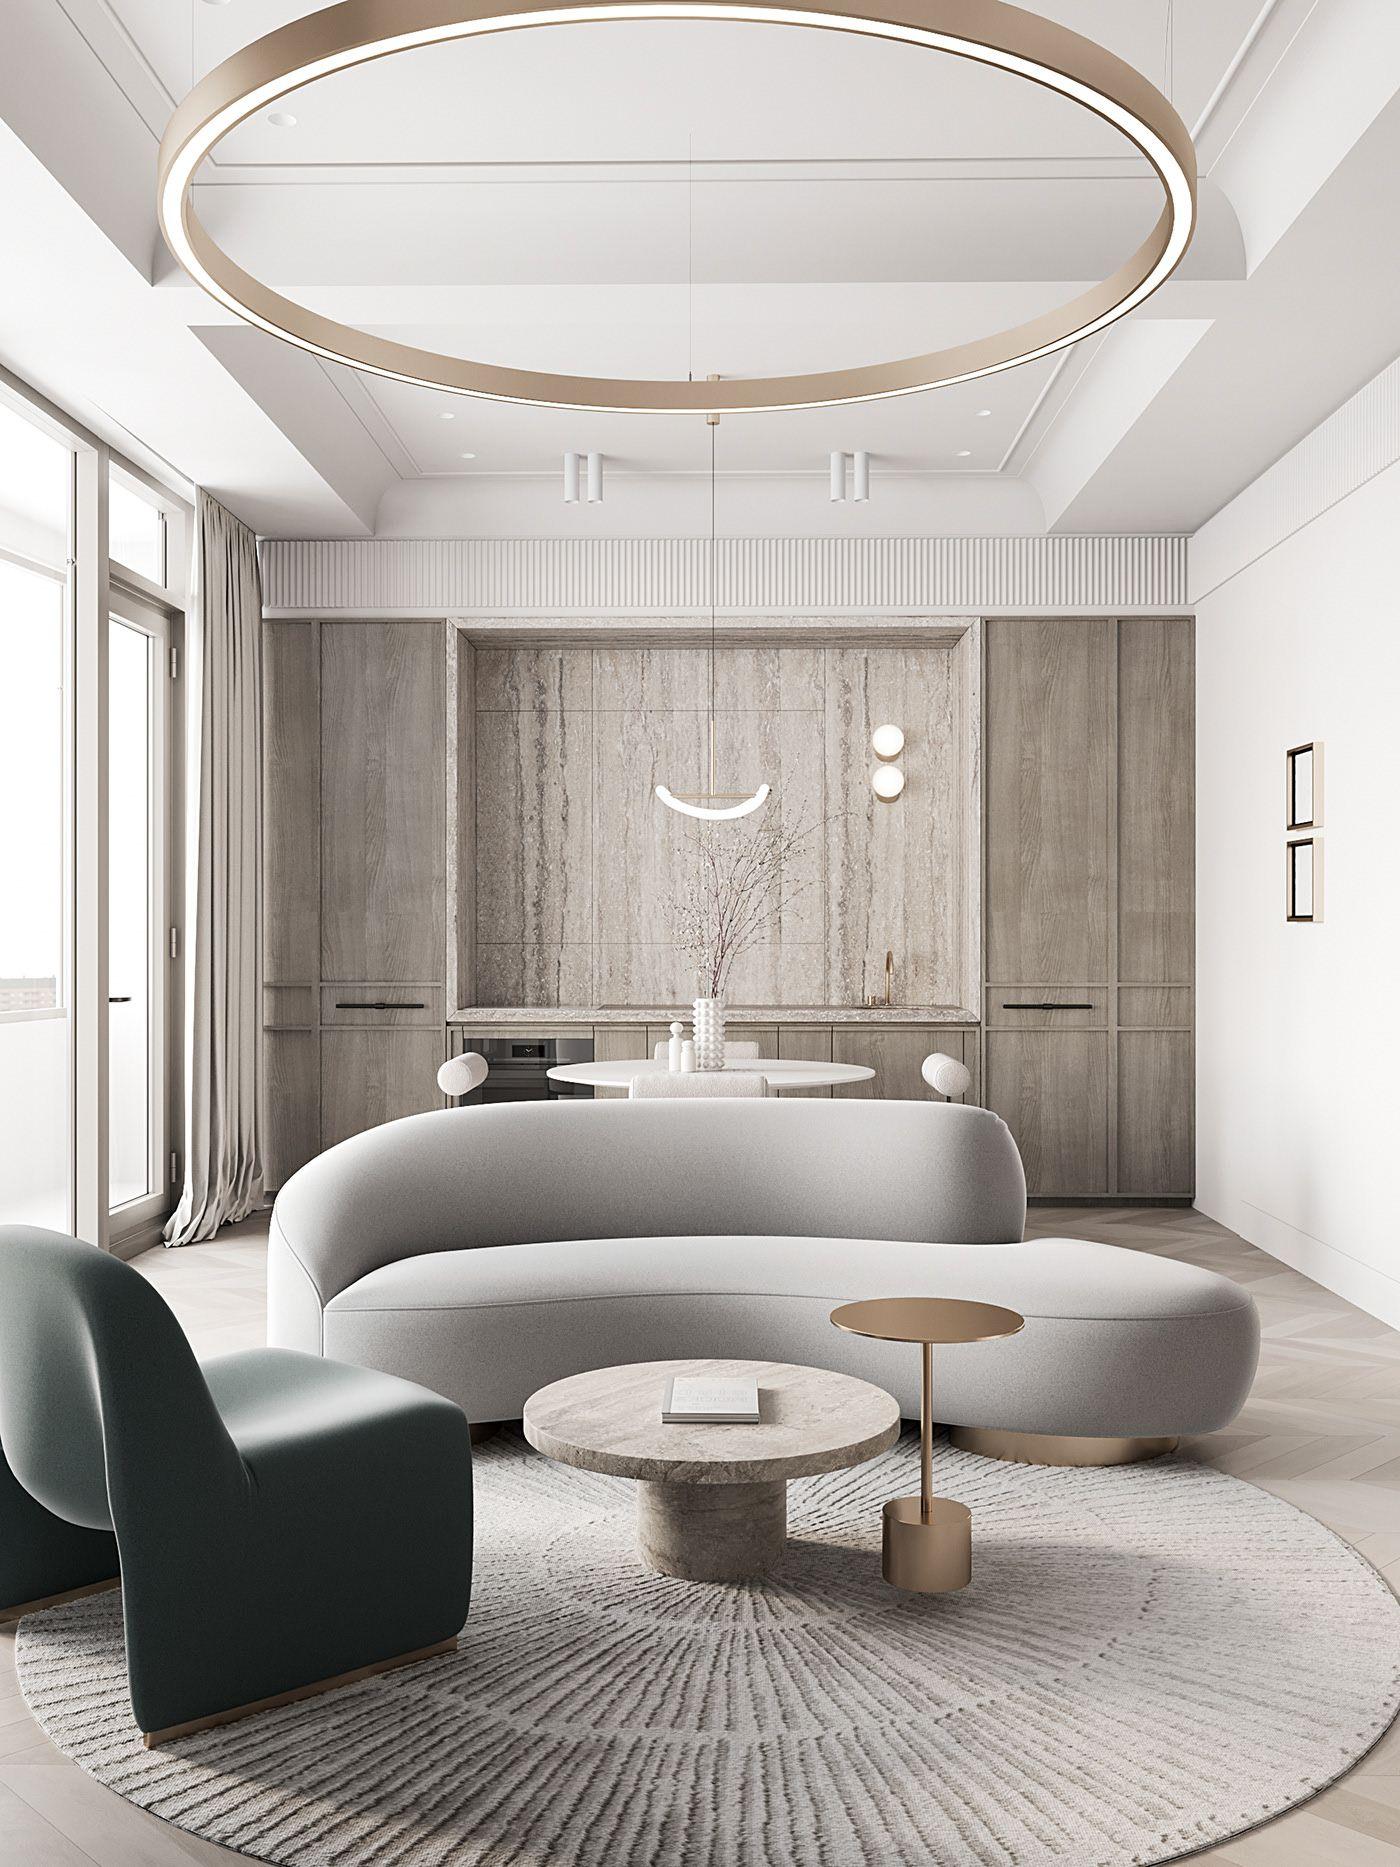 Bedroom In Heaven Tones Luxury Interior Luxury Living Room Interior Design Trends Living room trends 2021